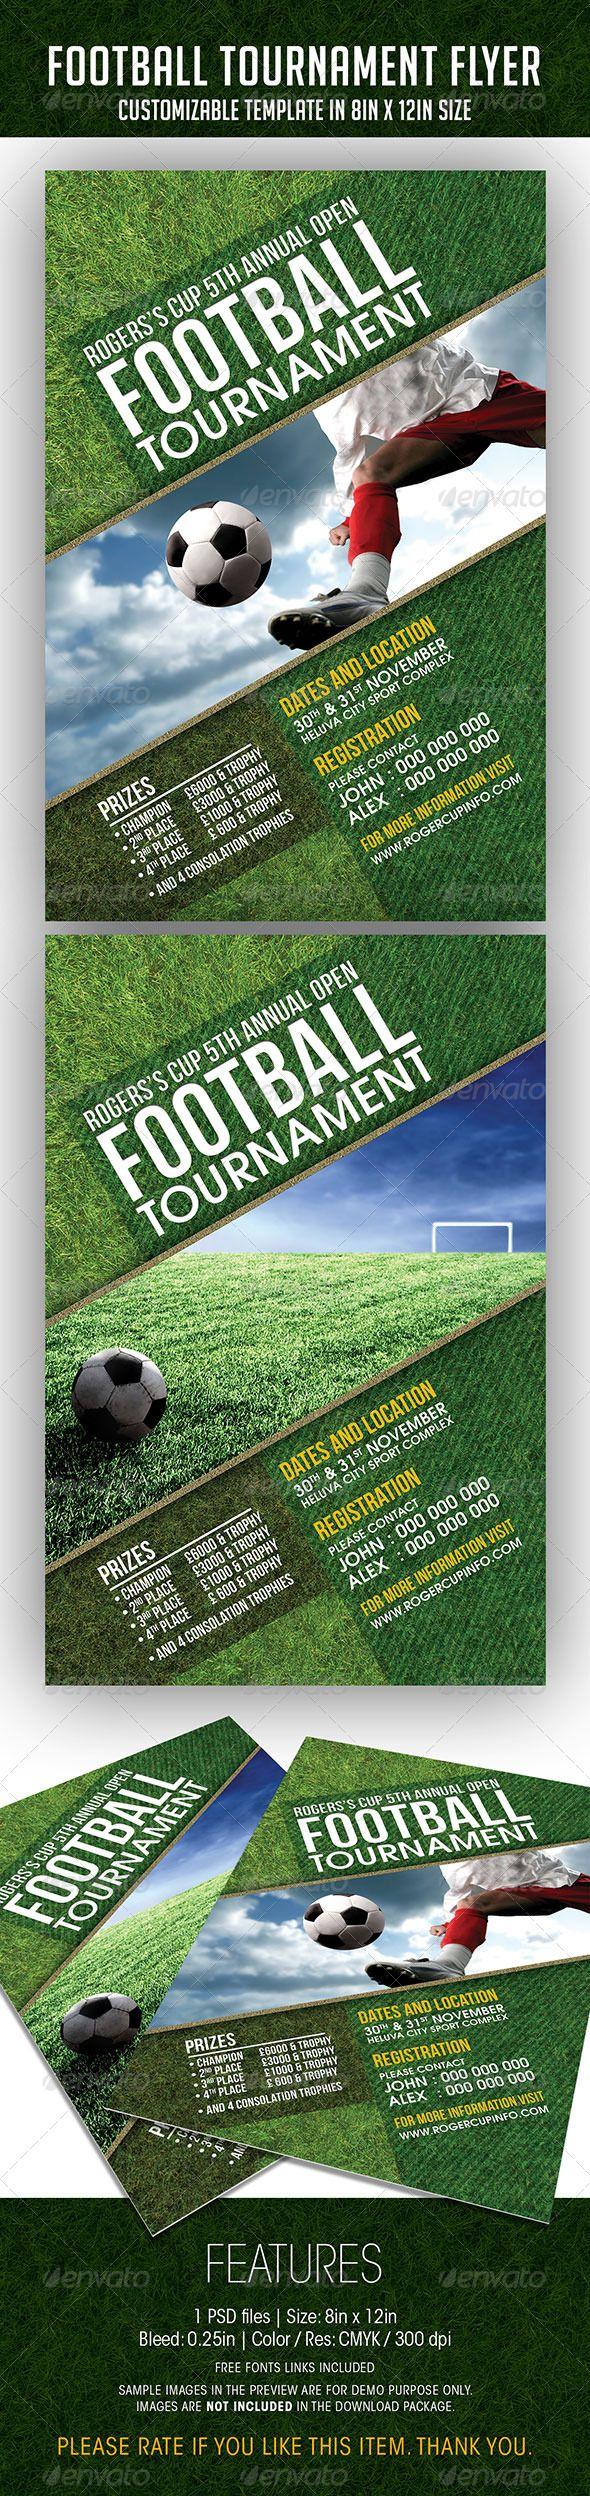 Football Tournament Event Flyer 9 best World